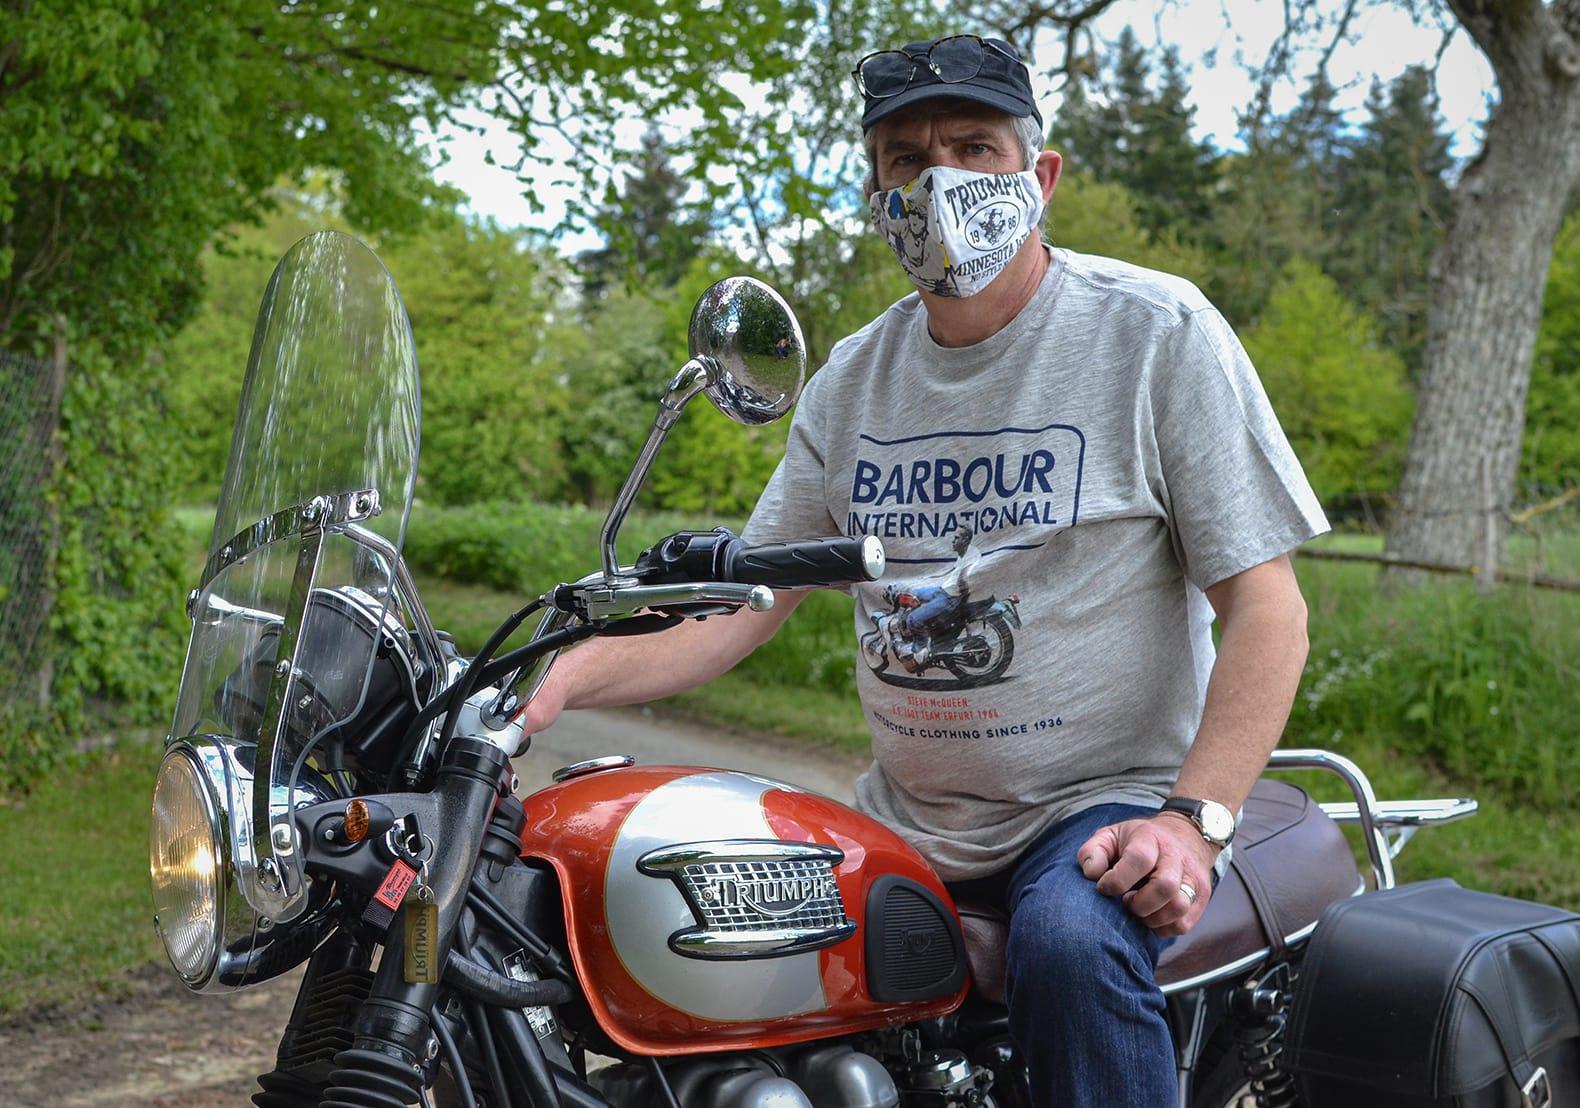 un vrai motard c'est ça